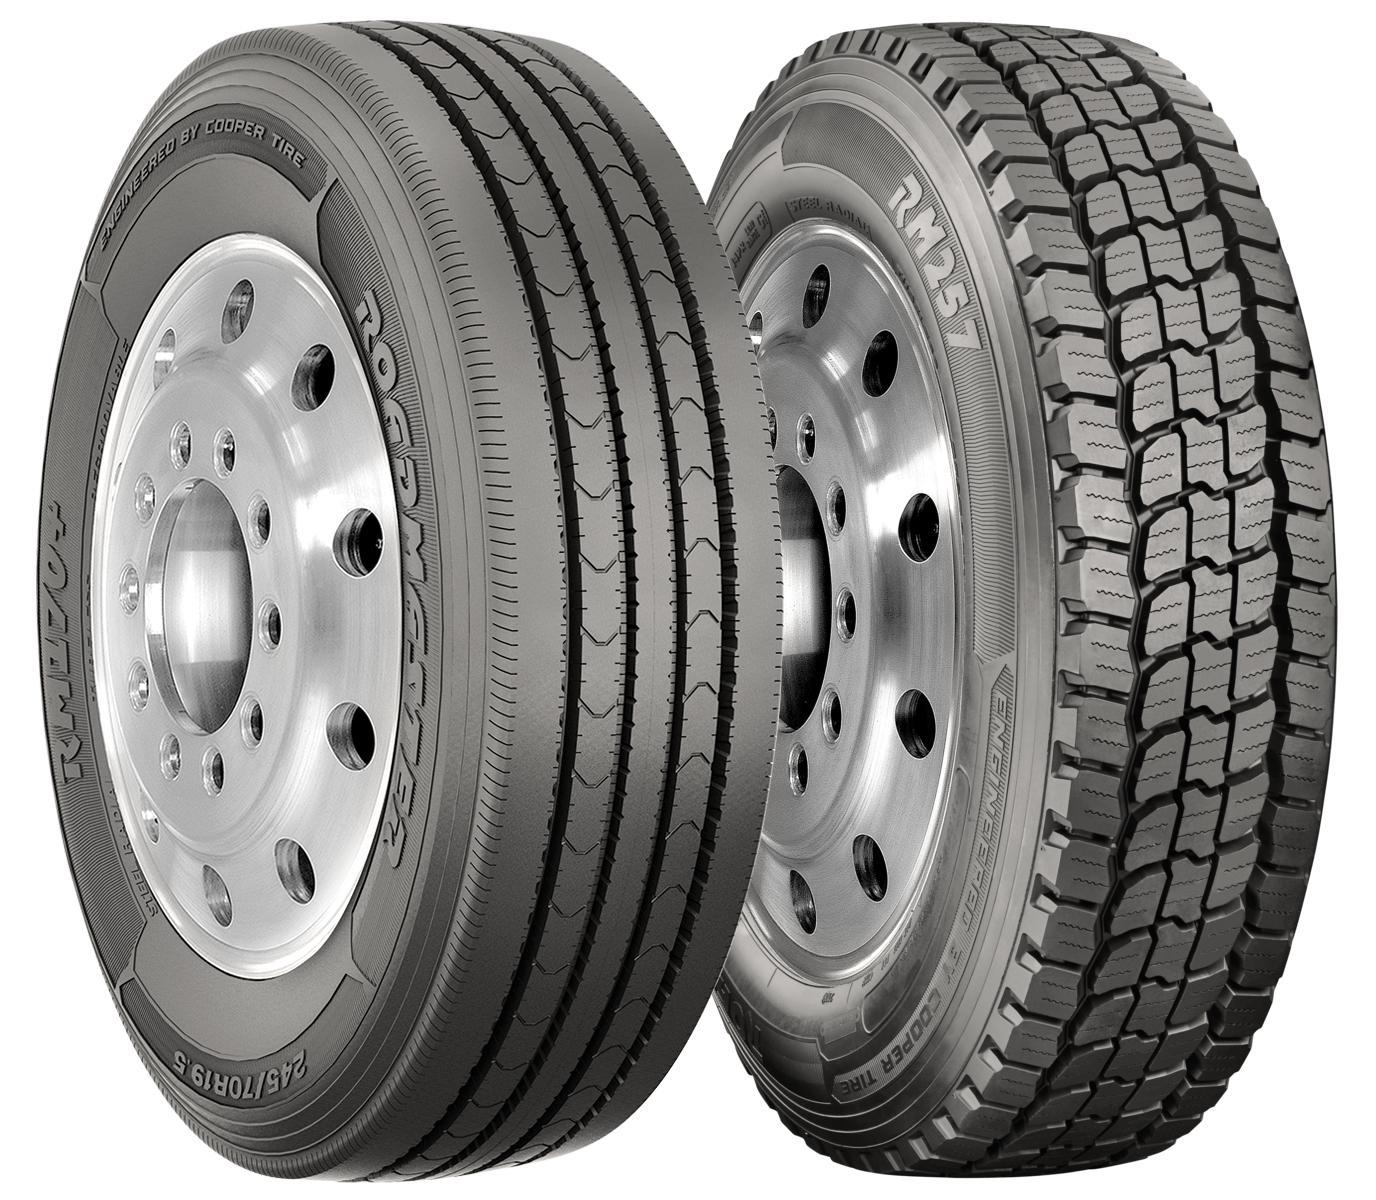 Cooper Tire представила две новые грузовые шины торговой марки Roadmaster